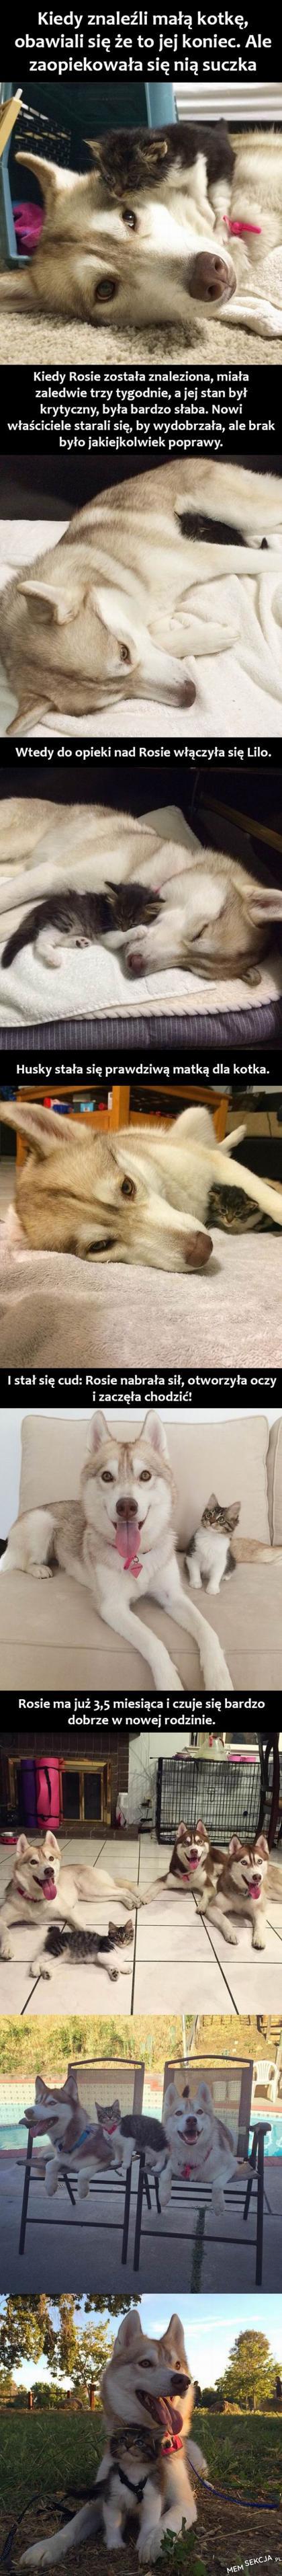 Piękna historia o Huskim, który zaopiekował się kotkiem